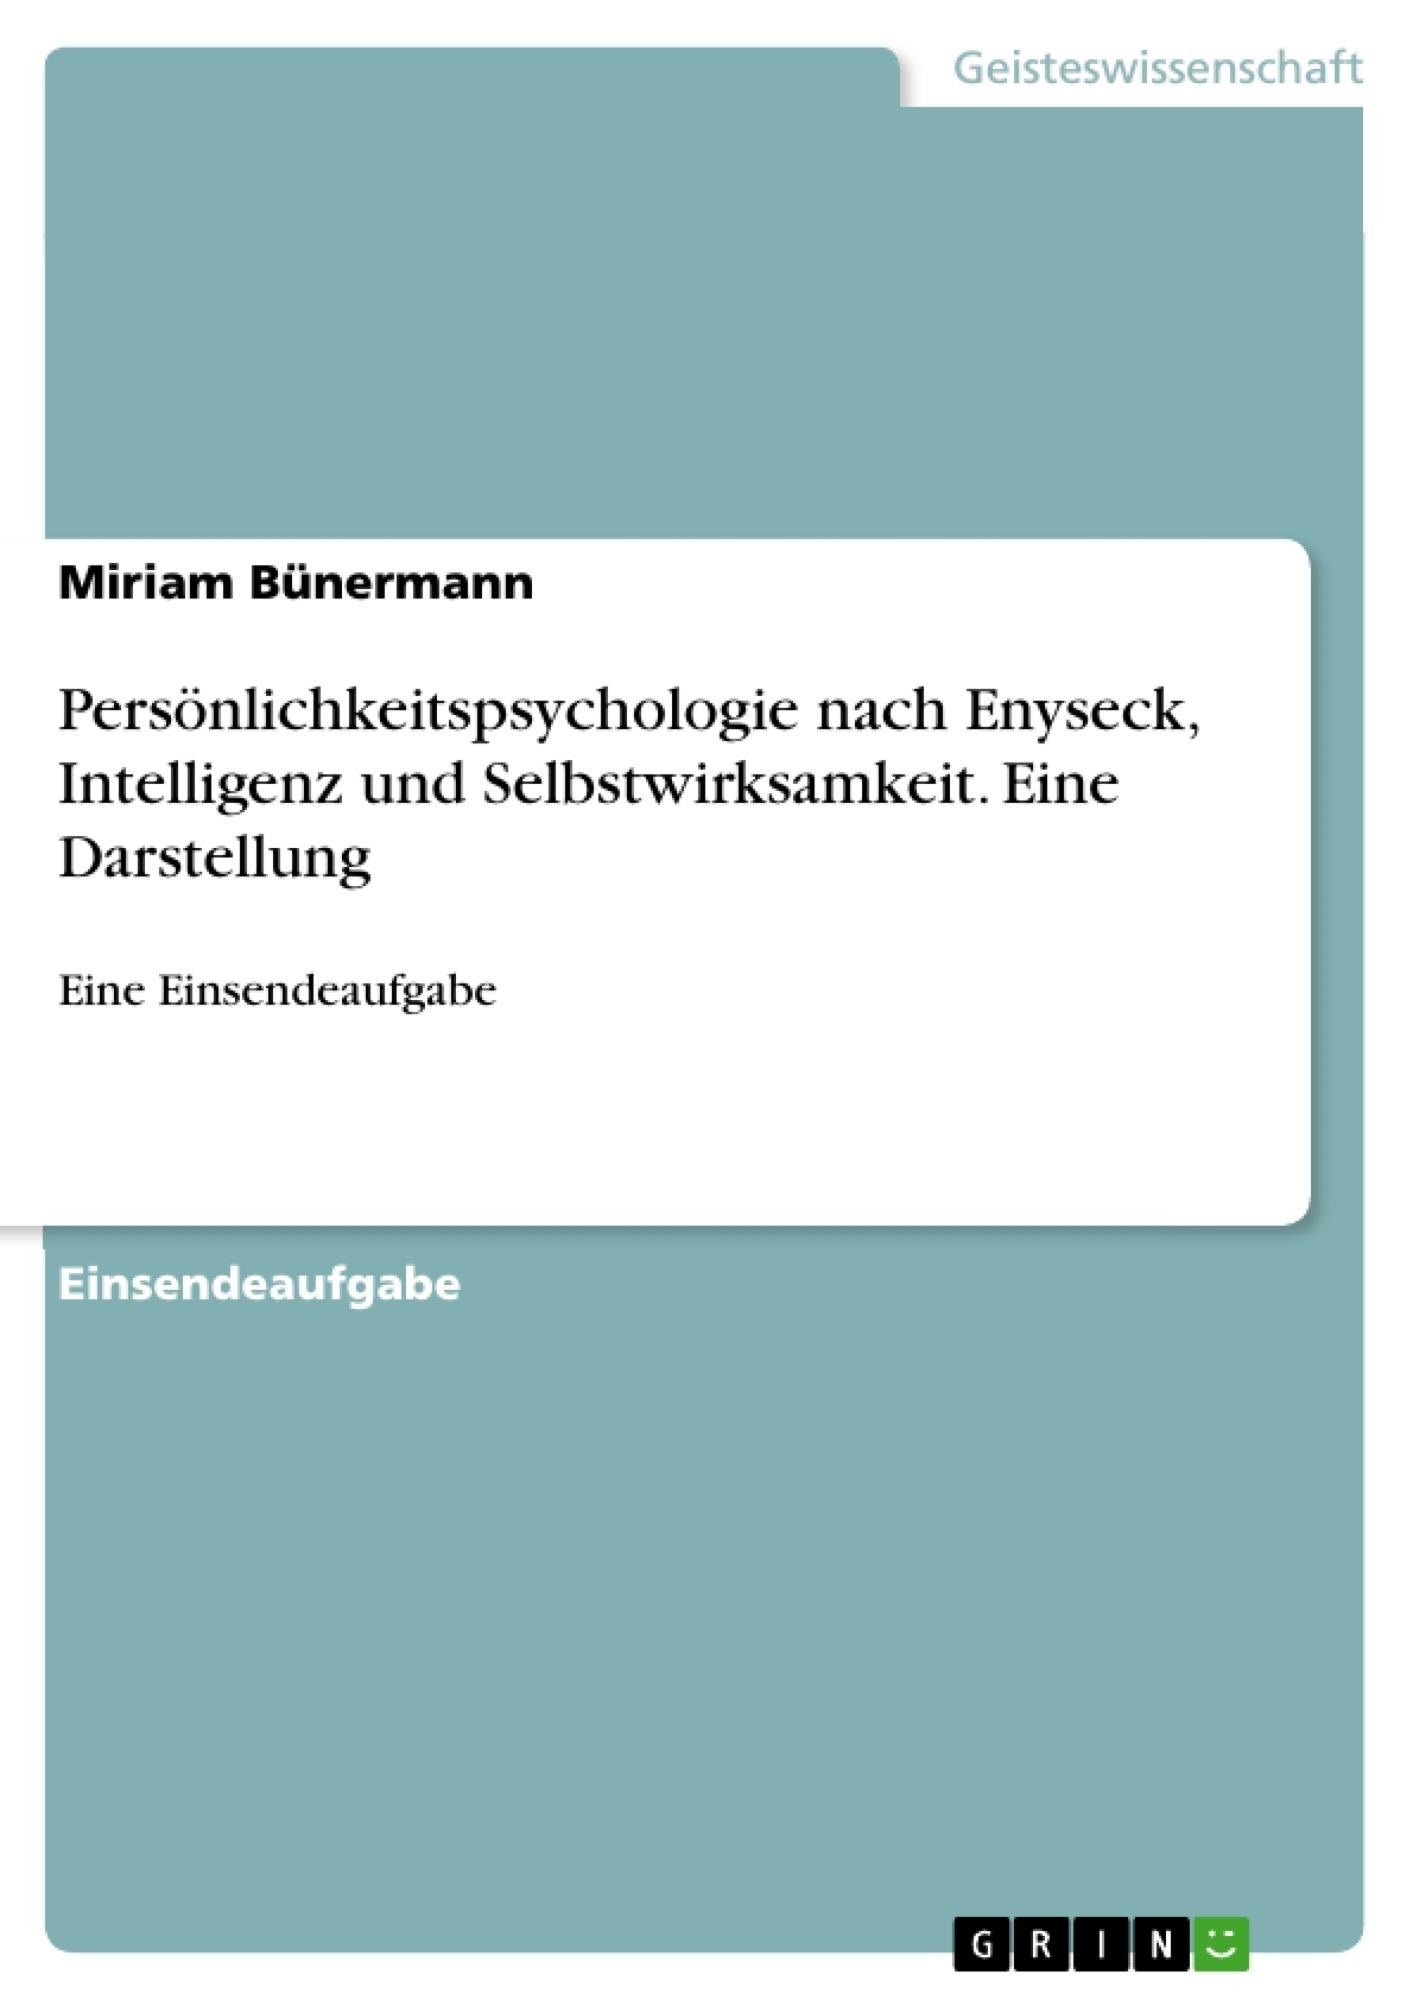 Titel: Persönlichkeitspsychologie nach Enyseck, Intelligenz und Selbstwirksamkeit. Eine Darstellung